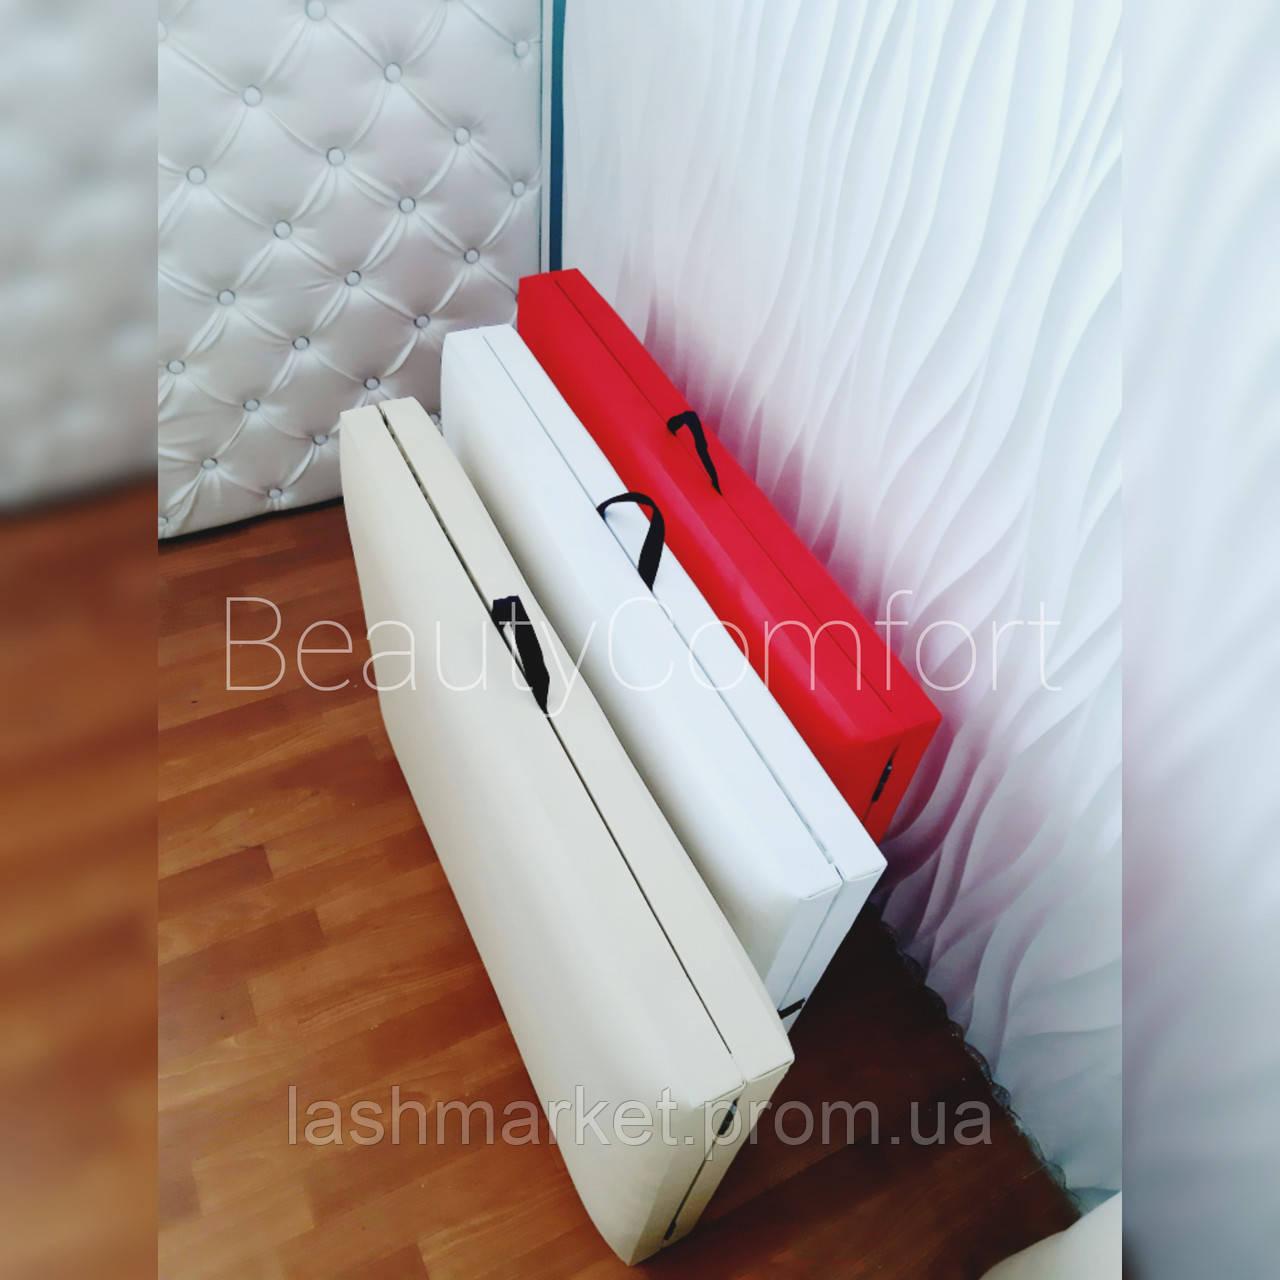 """Кушетка """"Бюджетная"""" №2 для наращивания ресниц, татуажа, косметологии"""